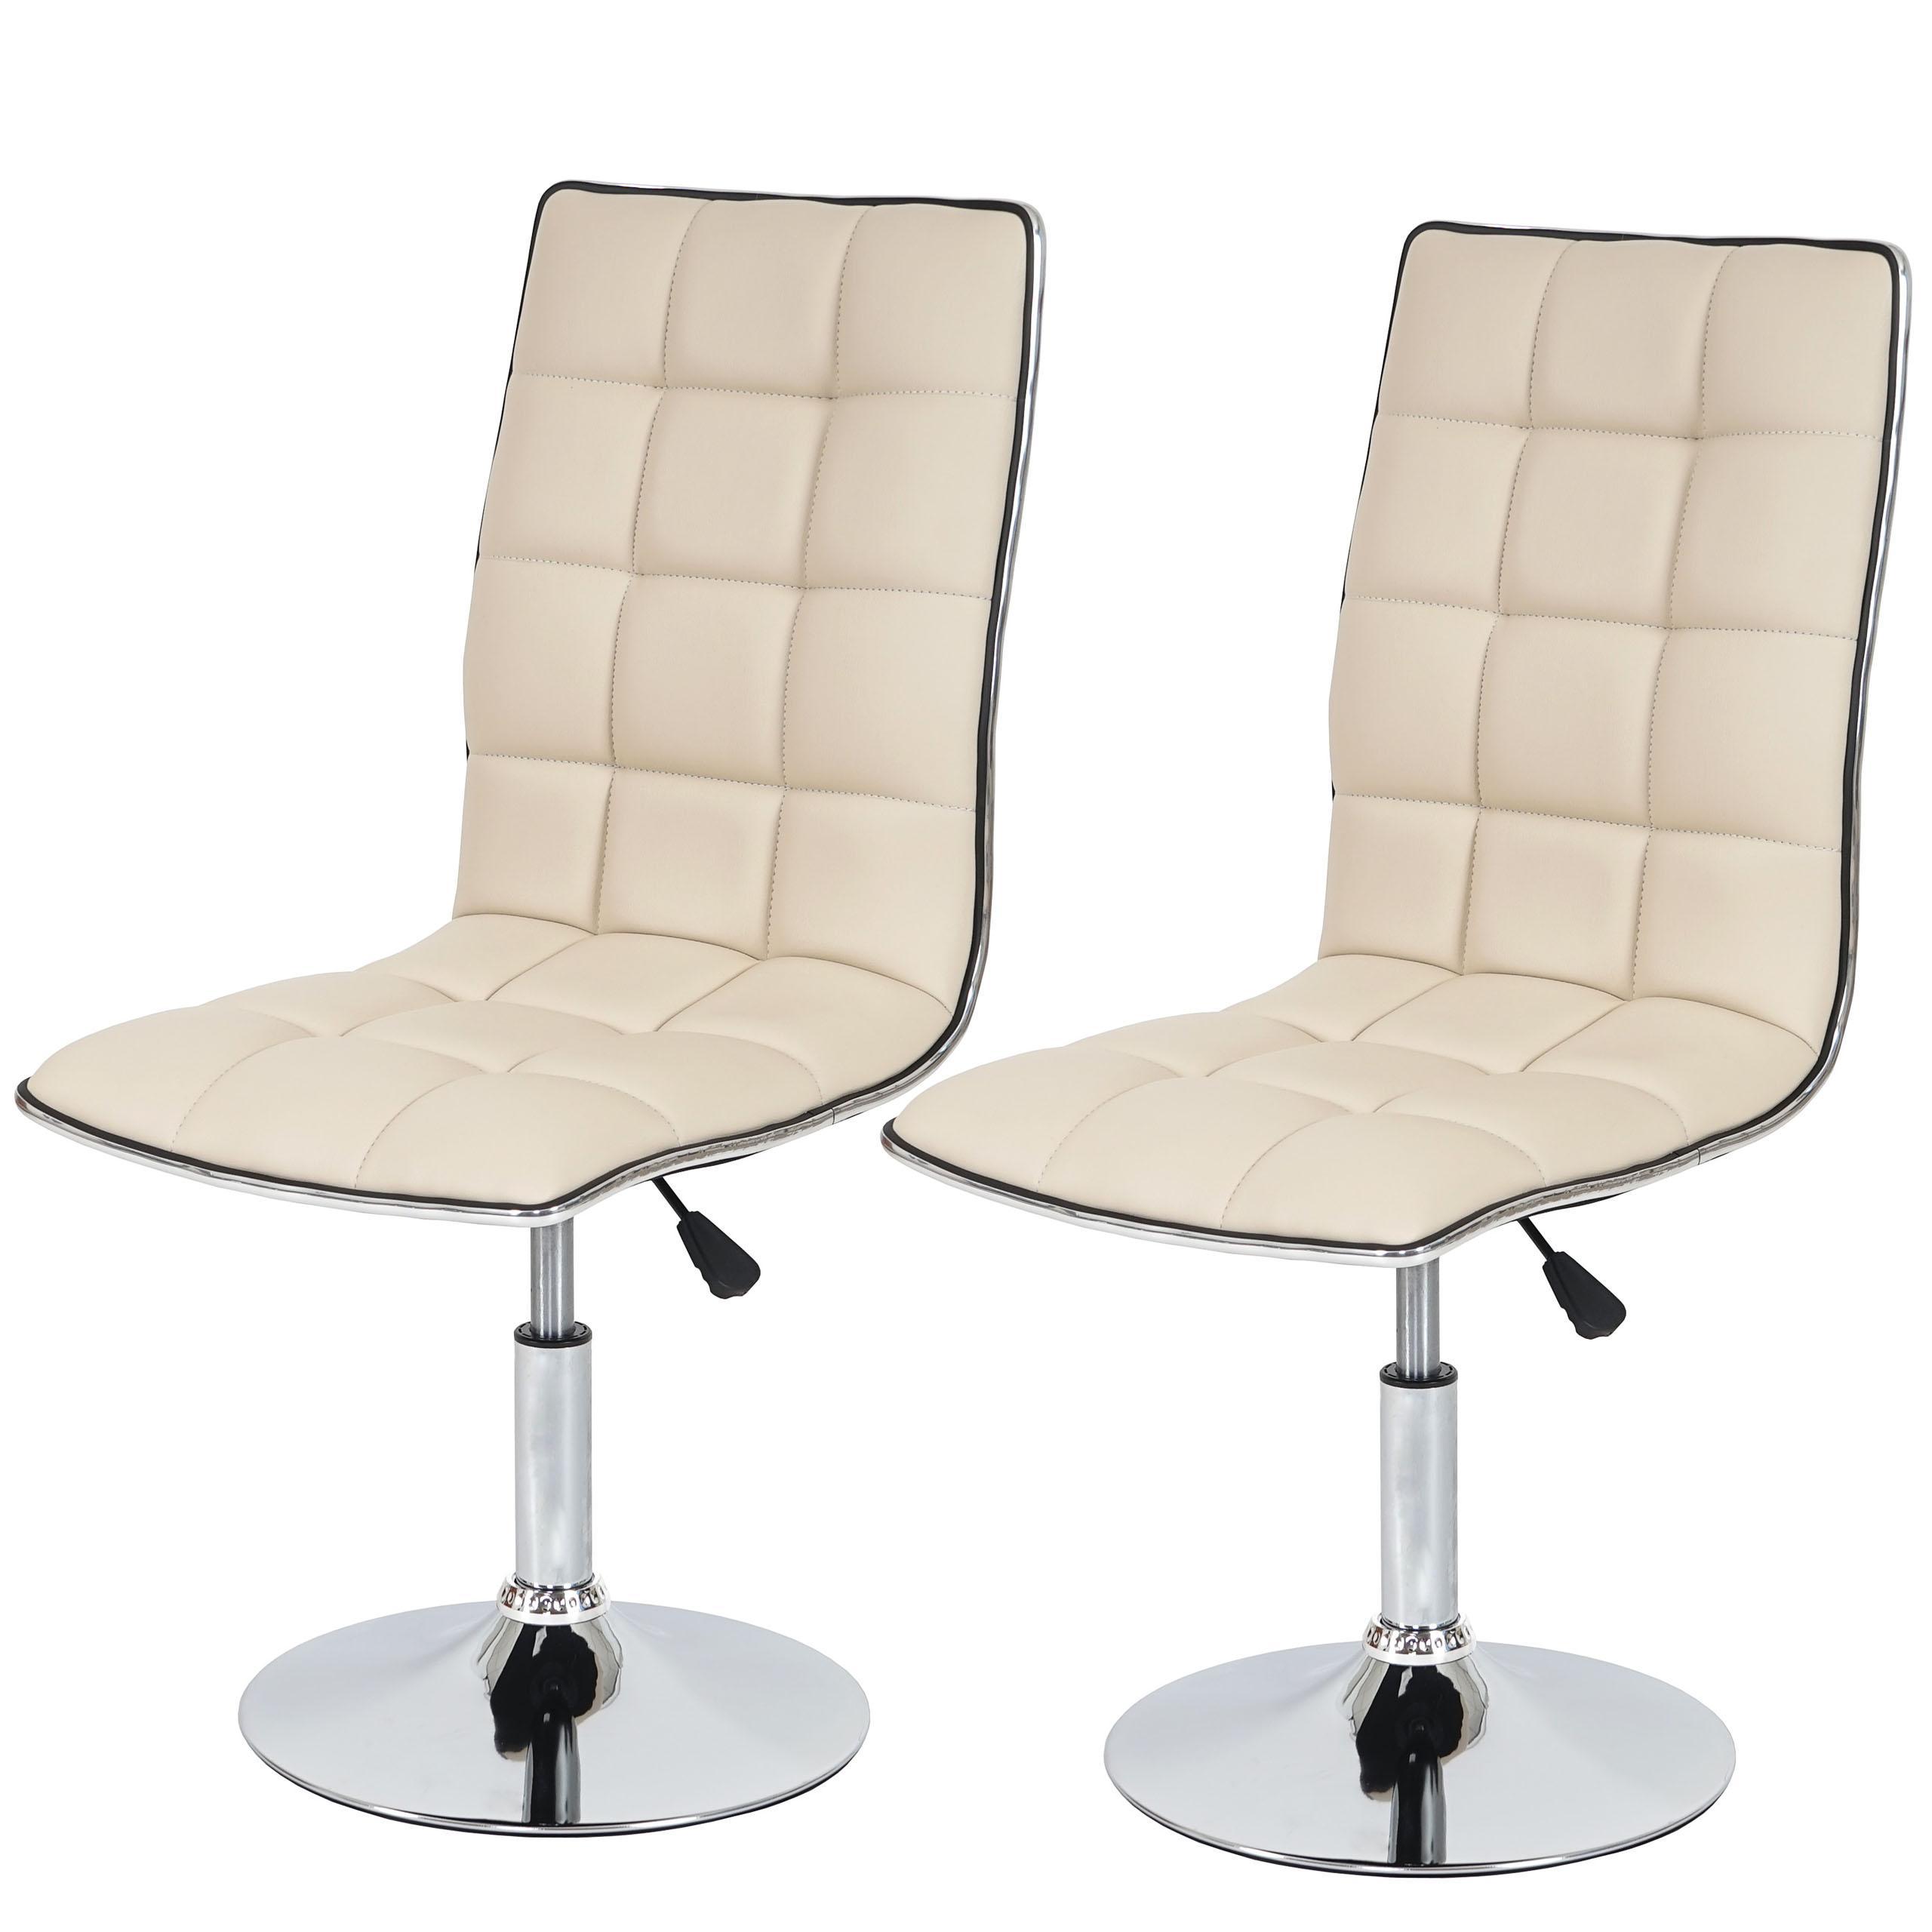 Lote de 6 sillas de comedor CAPRI, muy cómodas y robustas, en piel ...